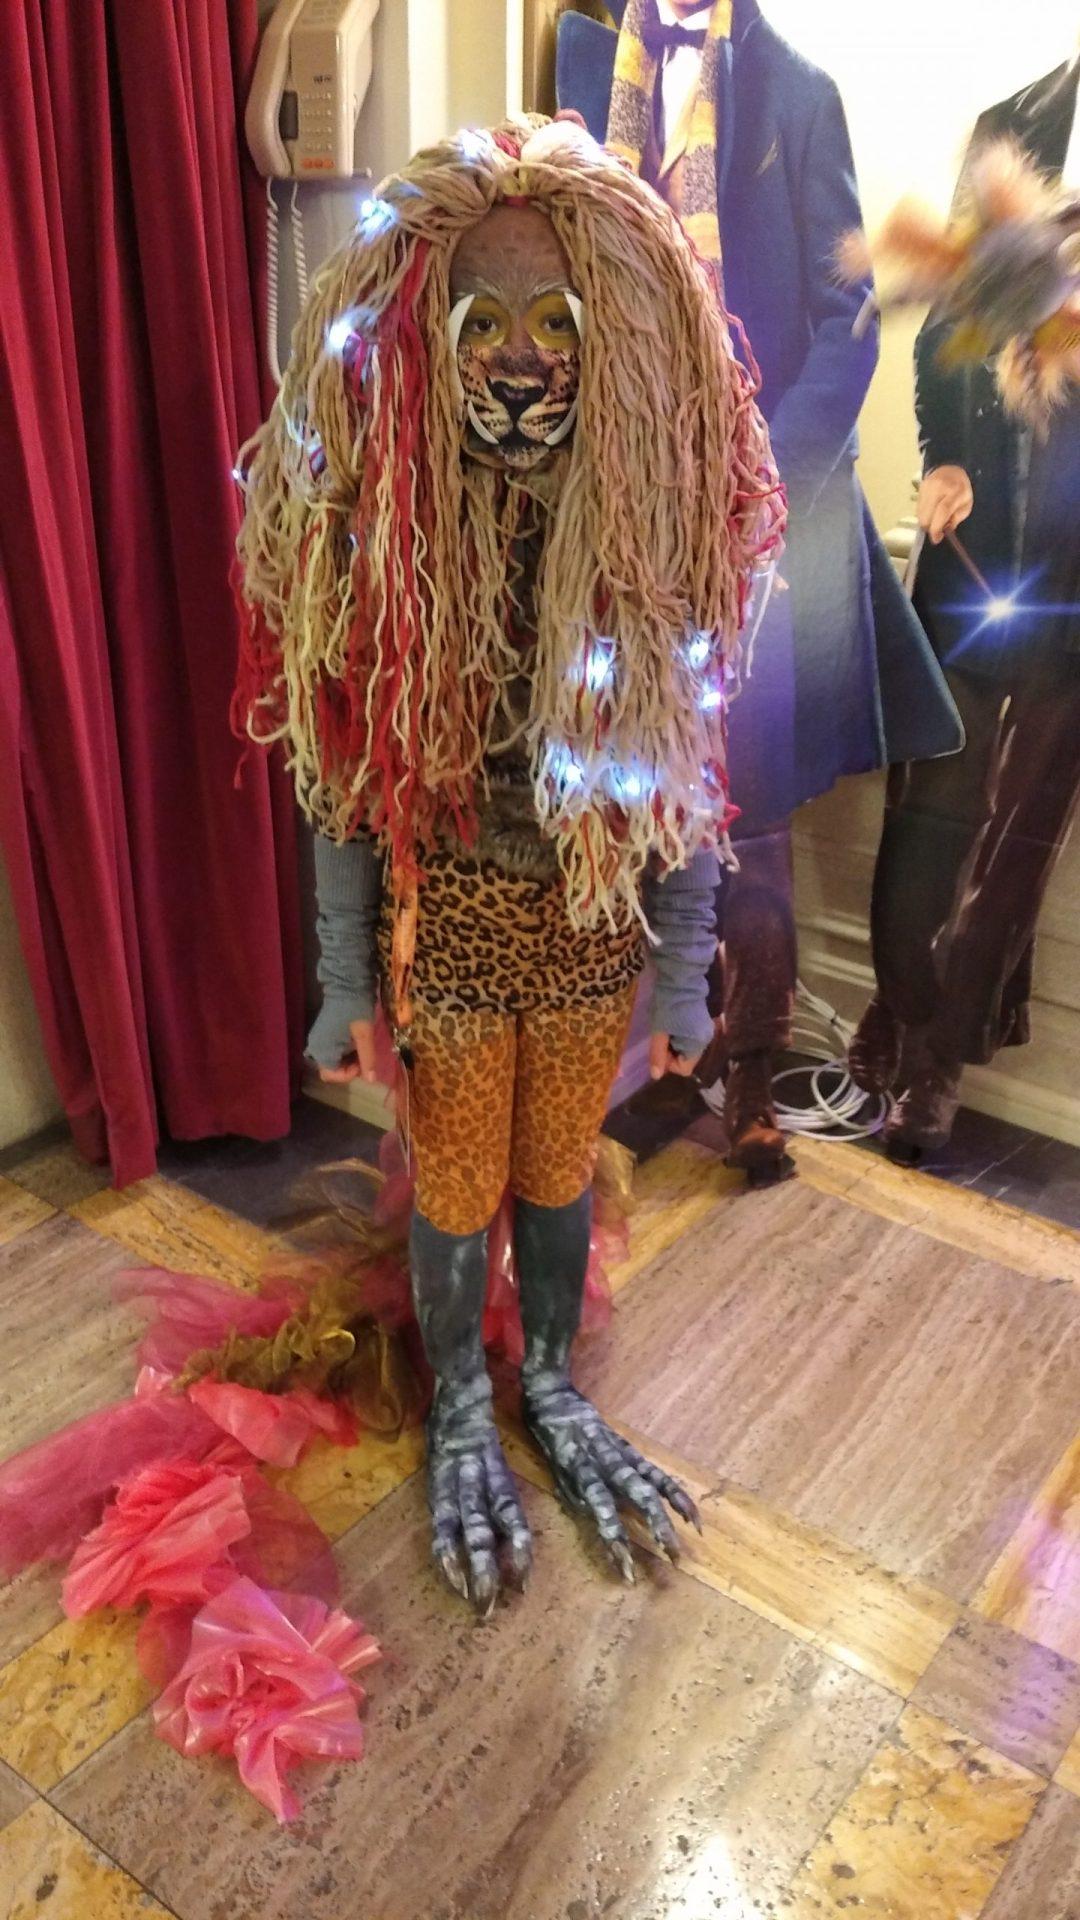 Fotografie z Potterfestu 2021 s cosplayerkou v roli hřivouna, má hřívě podobnou paruku, namalovanou horní část obličeje, přes spodní část obličeje má roušku s tygřím čenichem, leopardí sukýnku a punčochy a na nohou má drápy. Má také ocas s mašlemi.